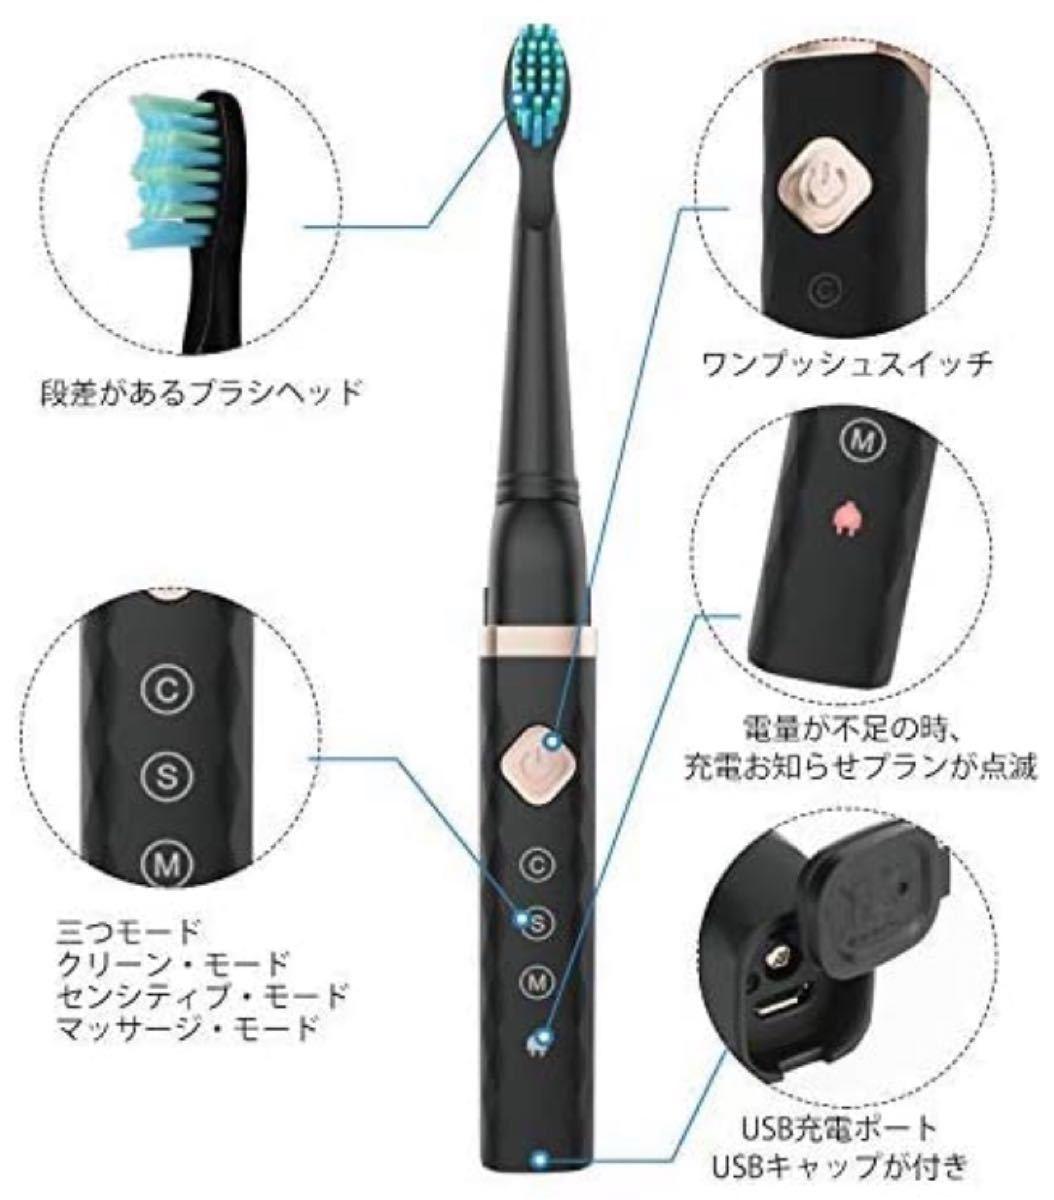 電動歯ブラシ 音波 3モード 2分オートタイマー USB充電 替えブラシ2本